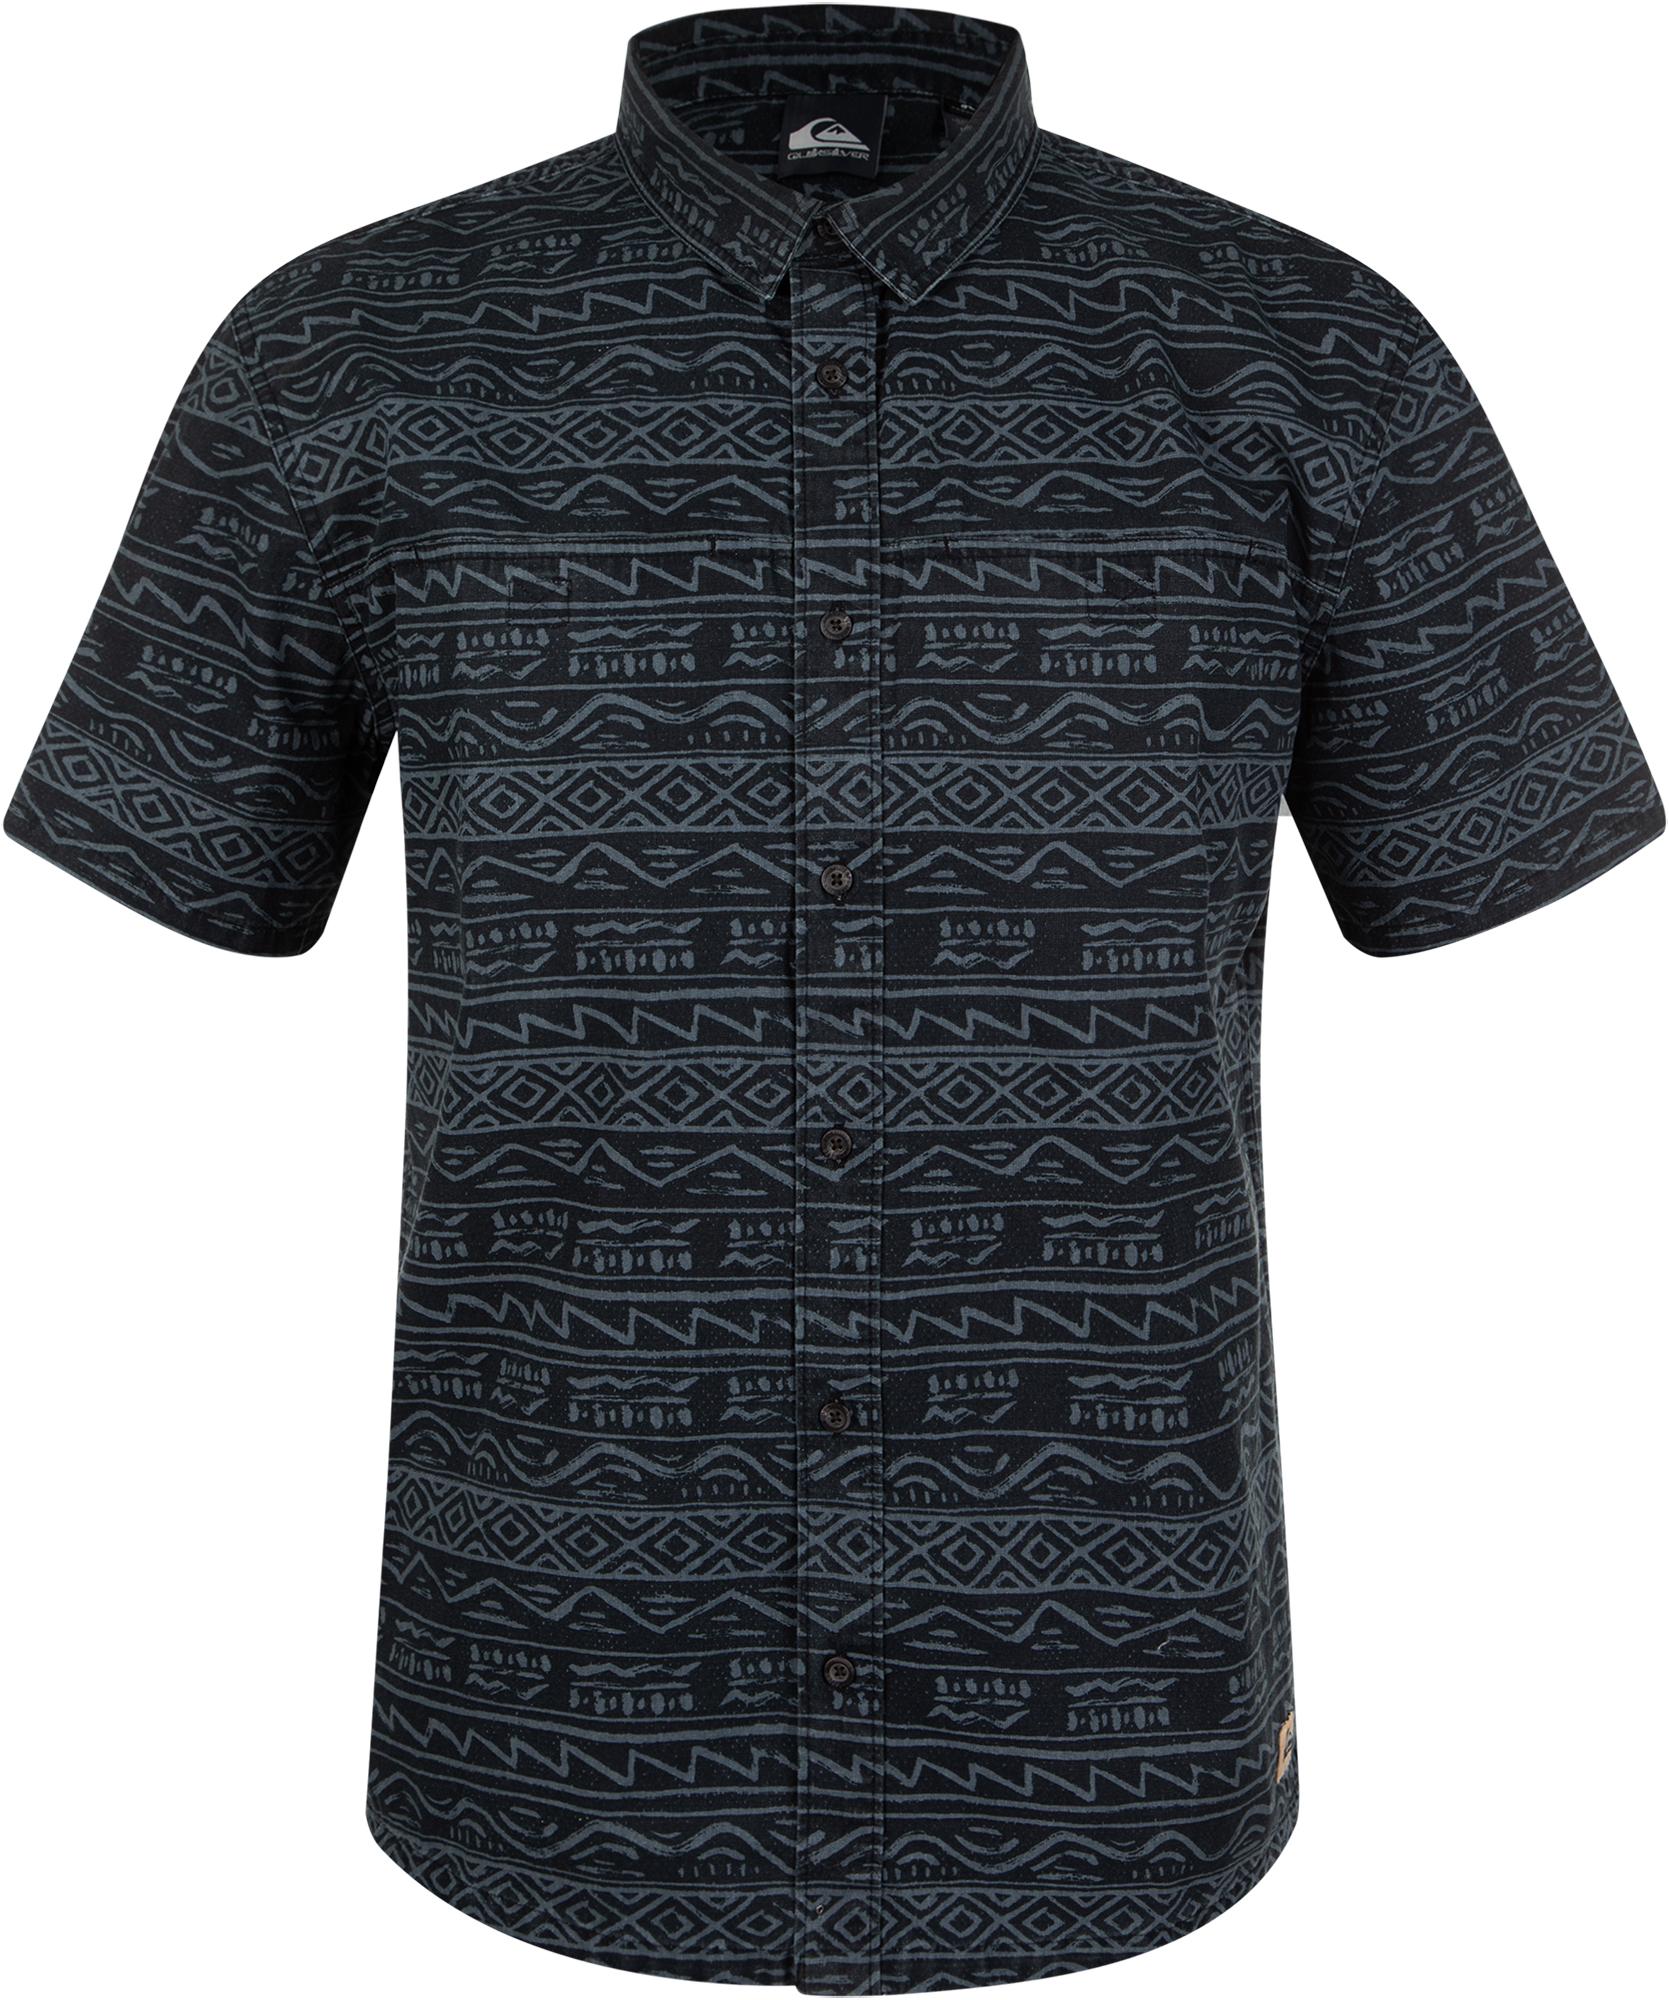 Quiksilver Рубашка с коротким руковом мужская Quiksilver Heritage, размер 50-52